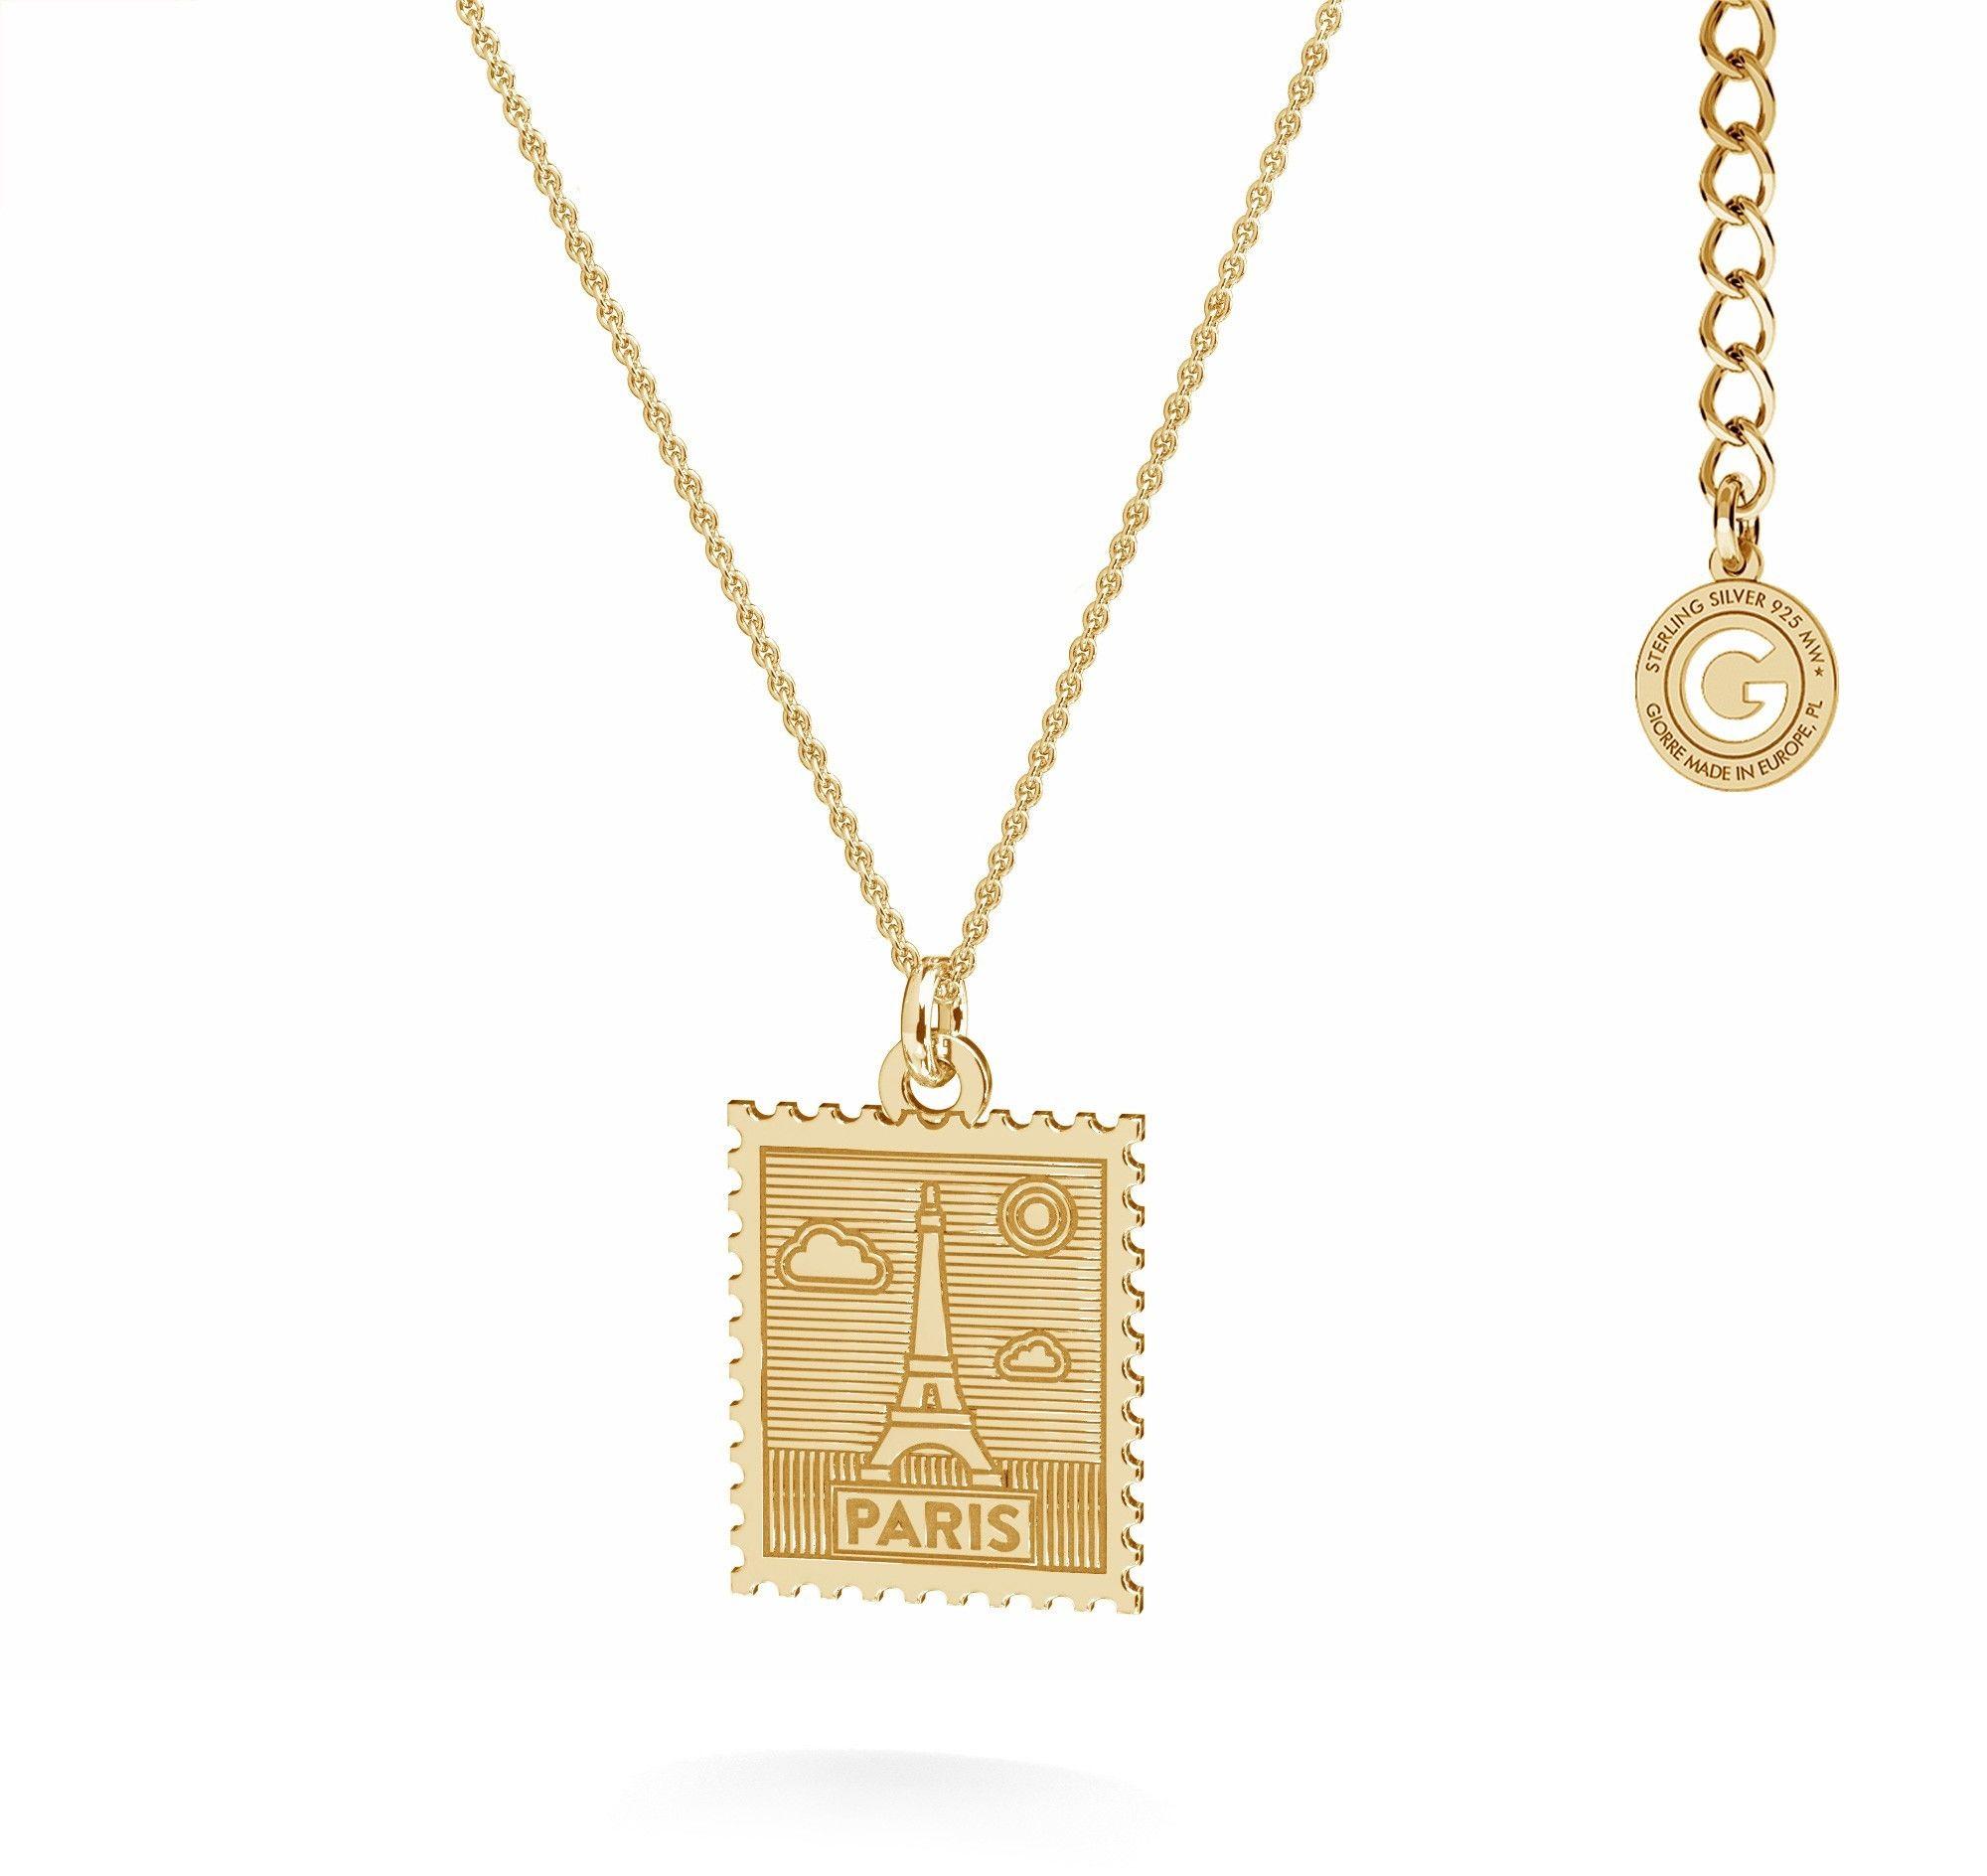 Srebrny naszyjnik znaczek pocztowy z Paryża, srebro 925 : Srebro - kolor pokrycia - Pokrycie żółtym 18K złotem